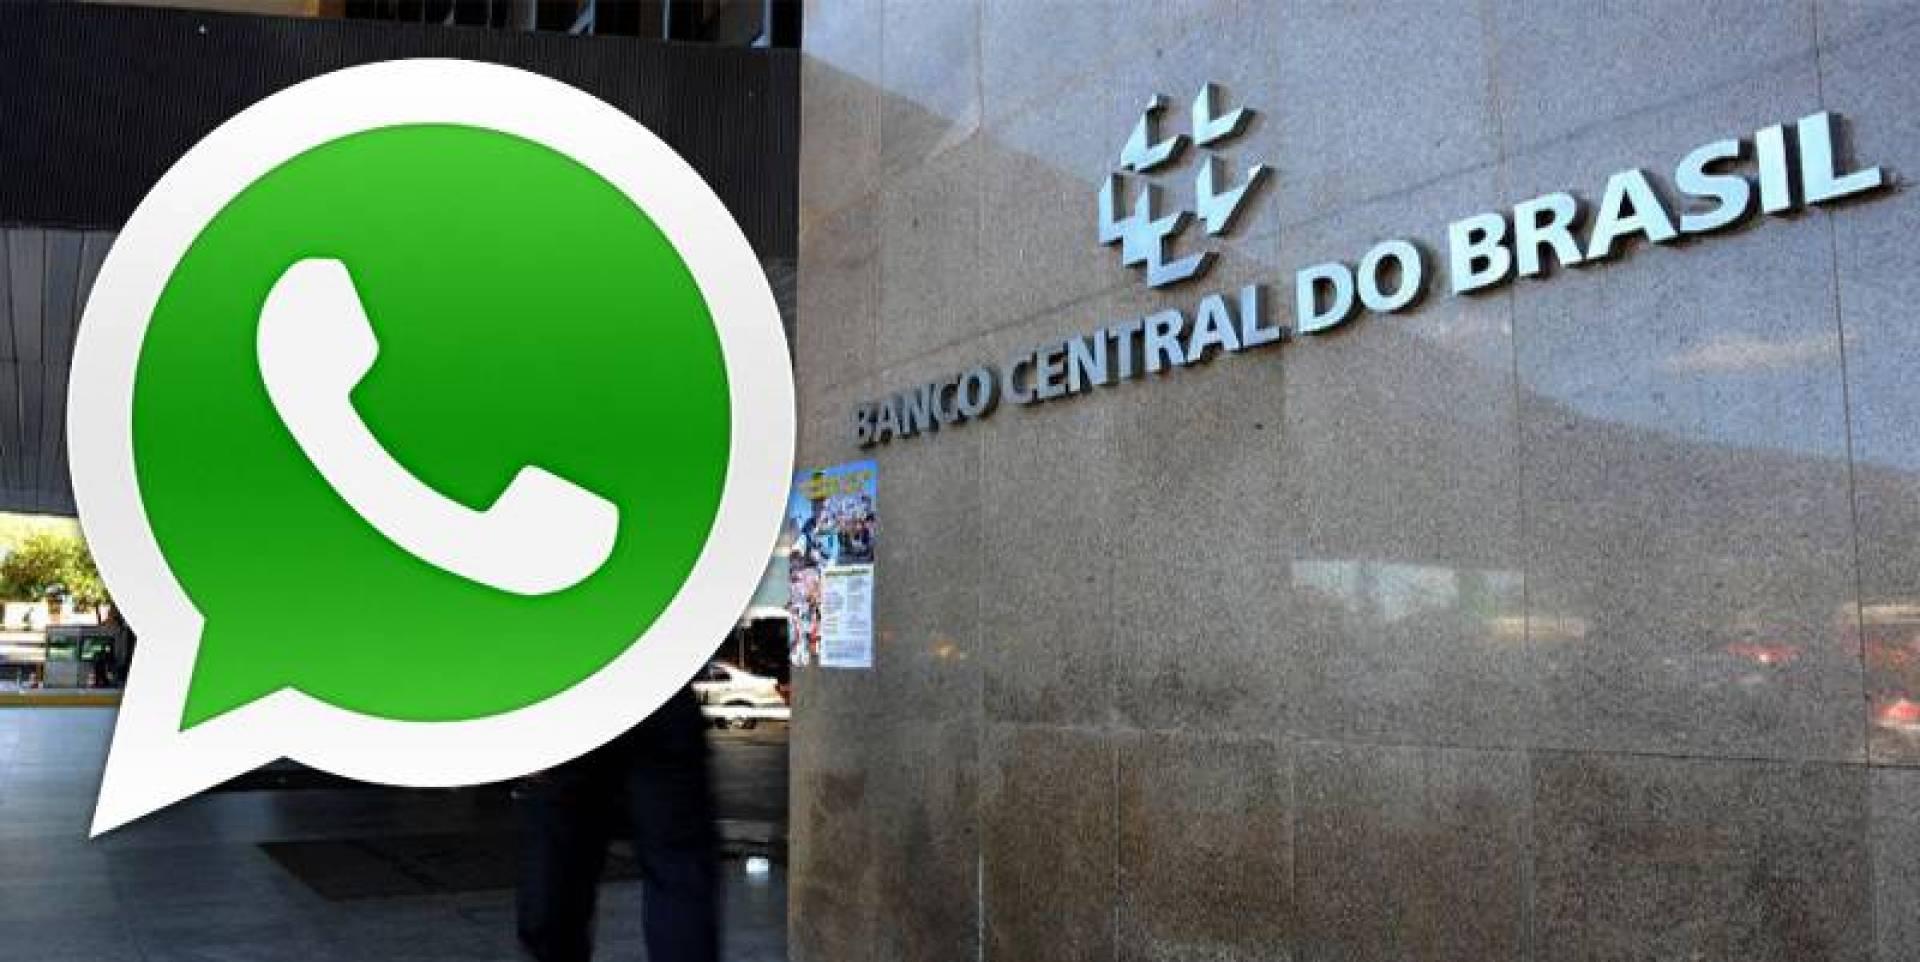 البنك المركزي البرازيلي يقتل نظام دفع «واتس أب»